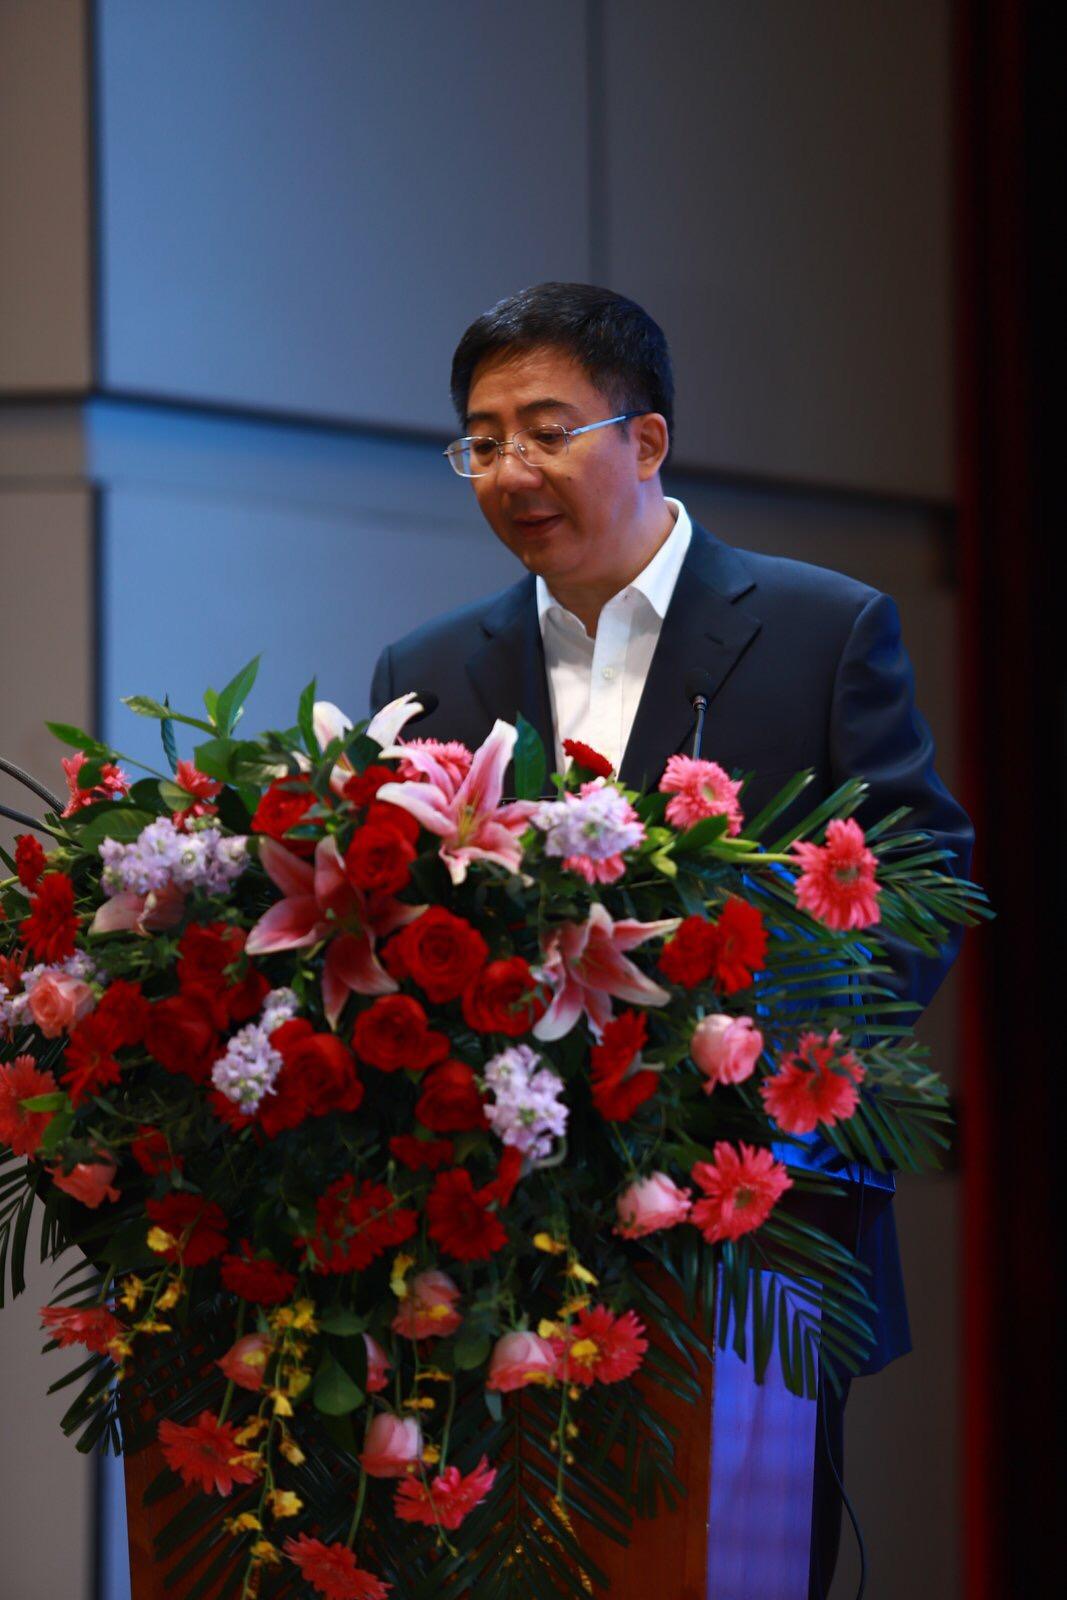 Grußwort in Hebi durch HE Songhao, stv. Leiter des Handelsministeriums der Provinz (Quelle: Ouzhou Shibao)